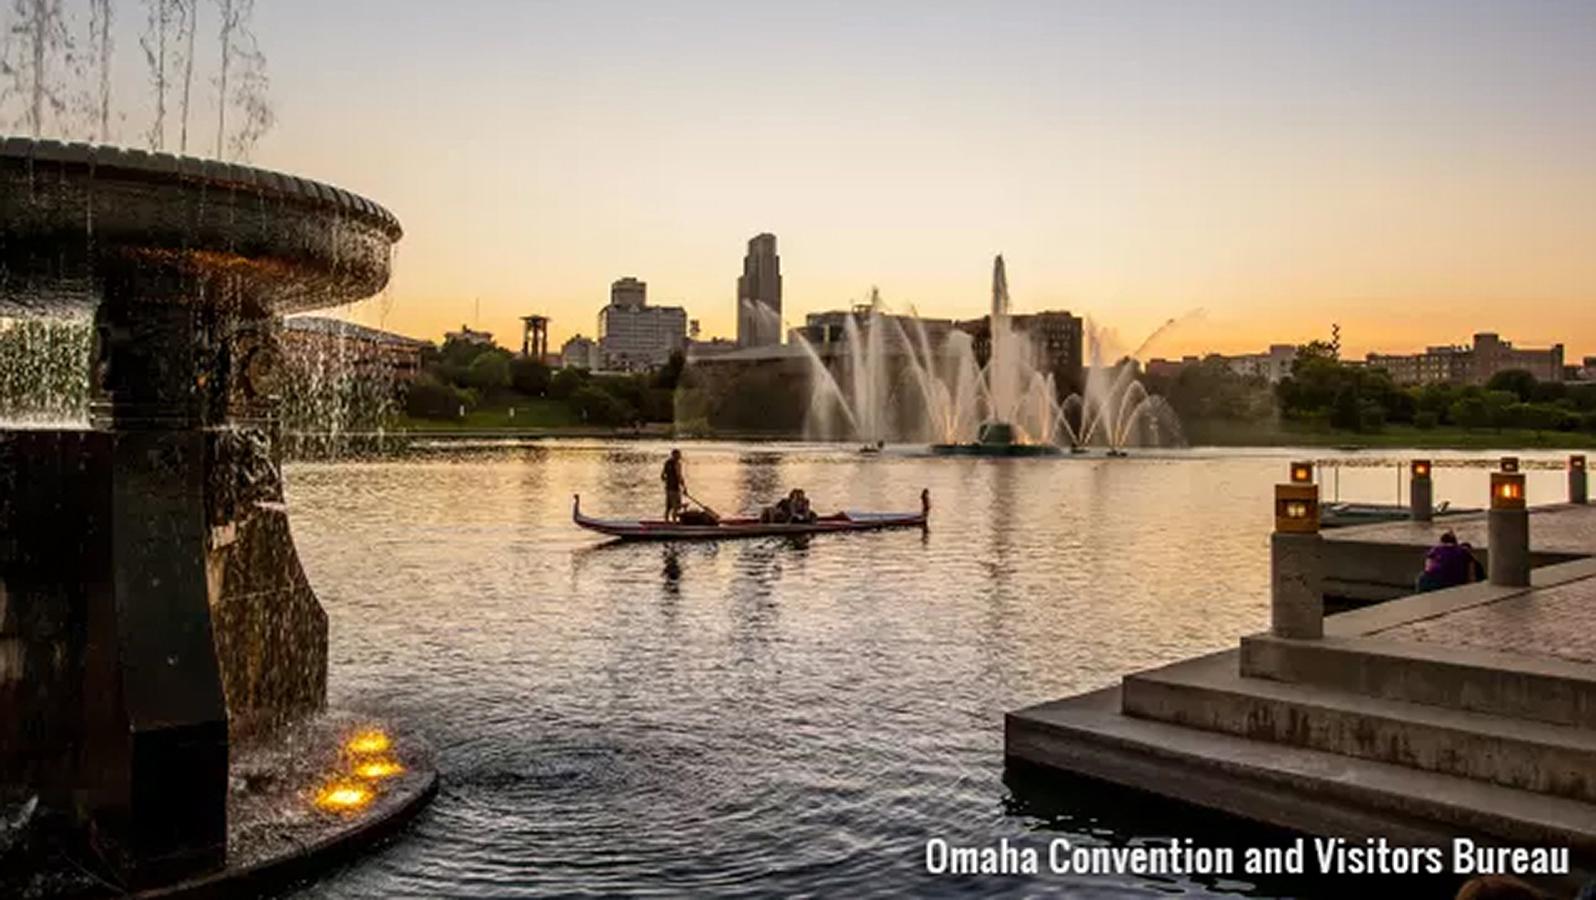 Omaha water activities